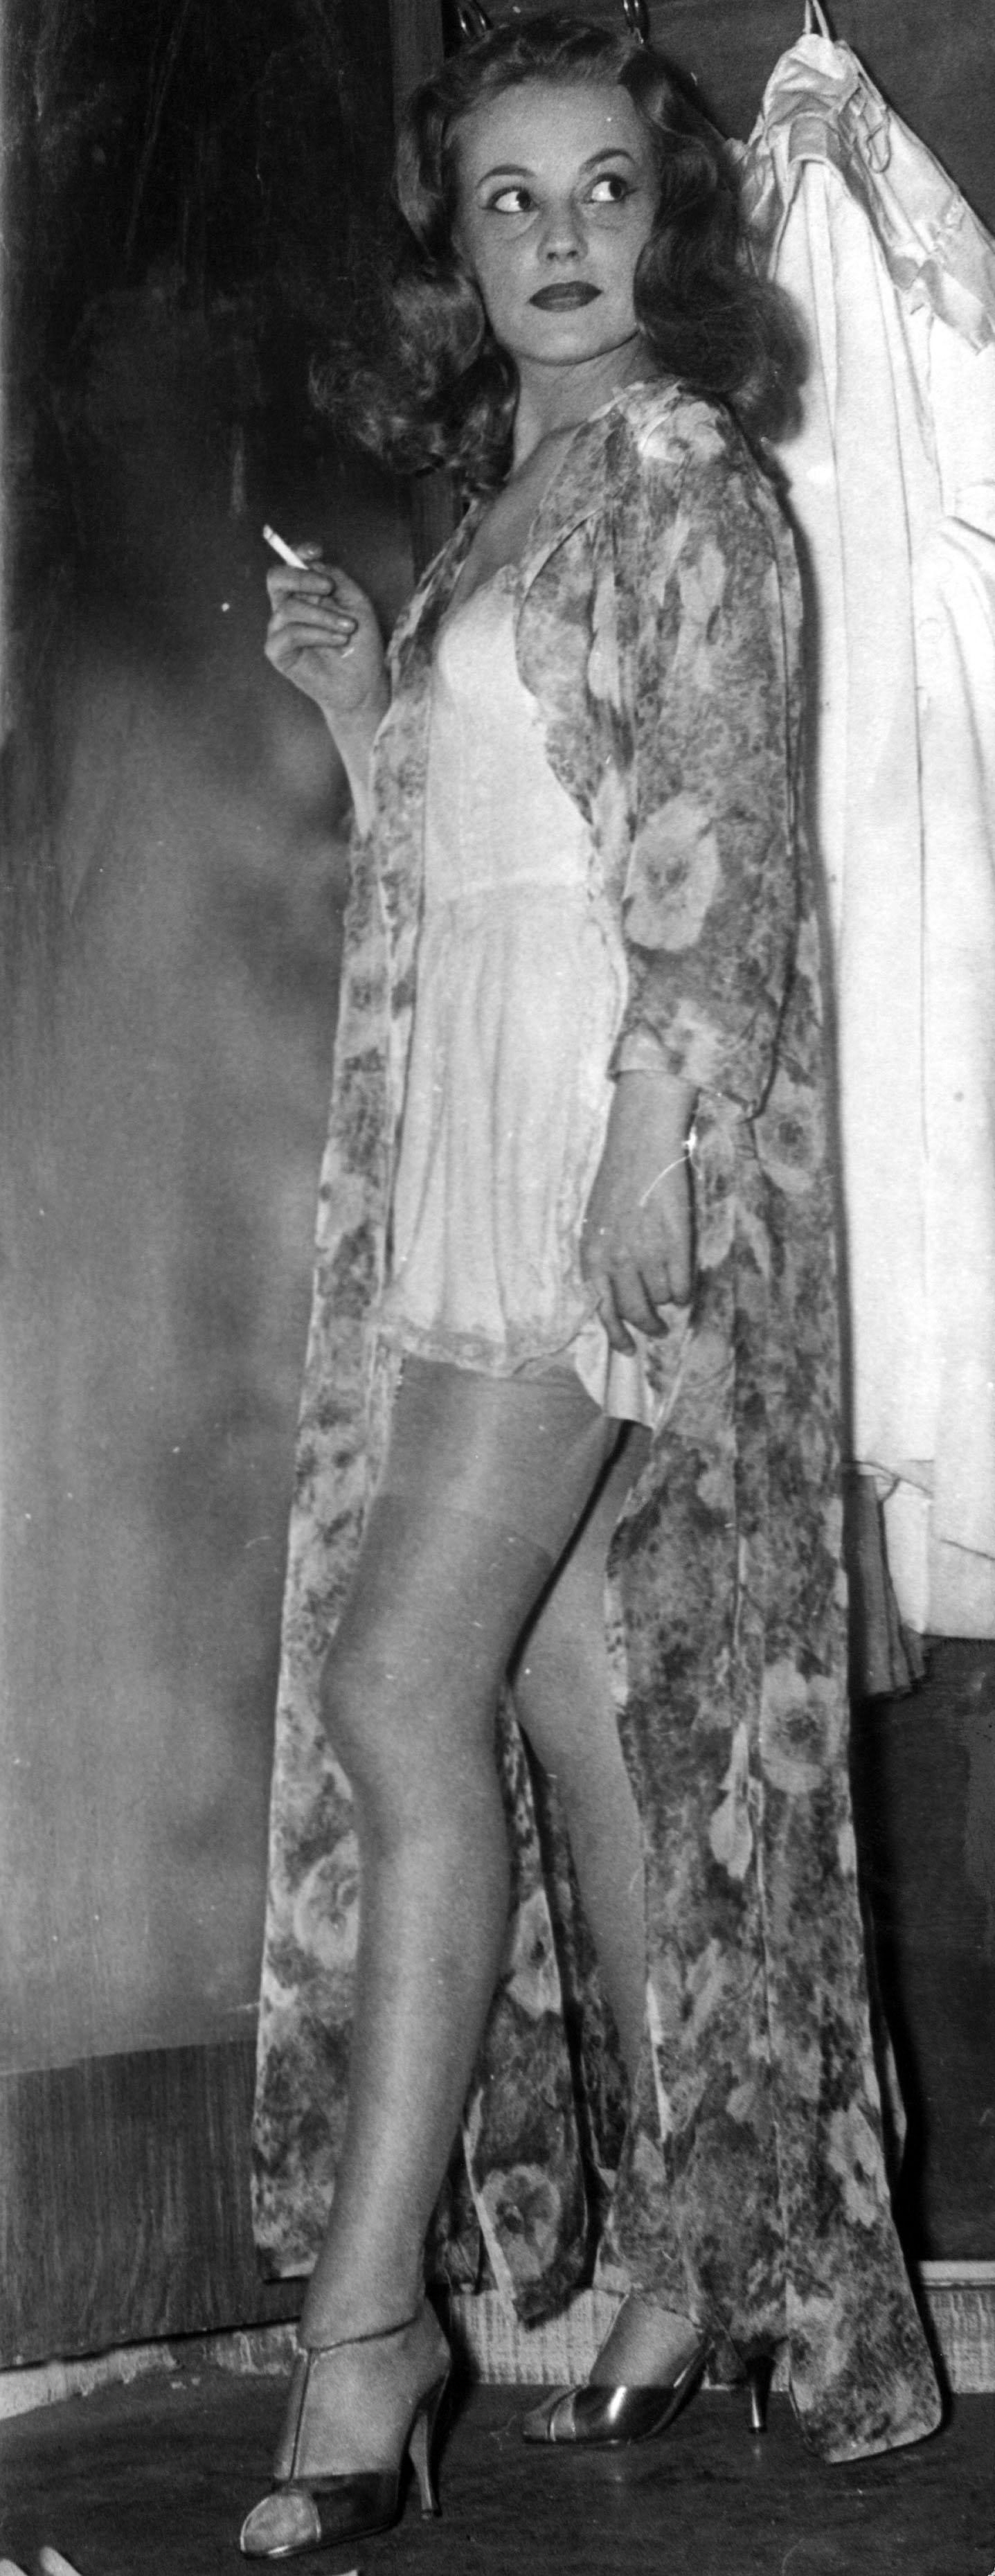 Jeanne Moreau Wallpaper